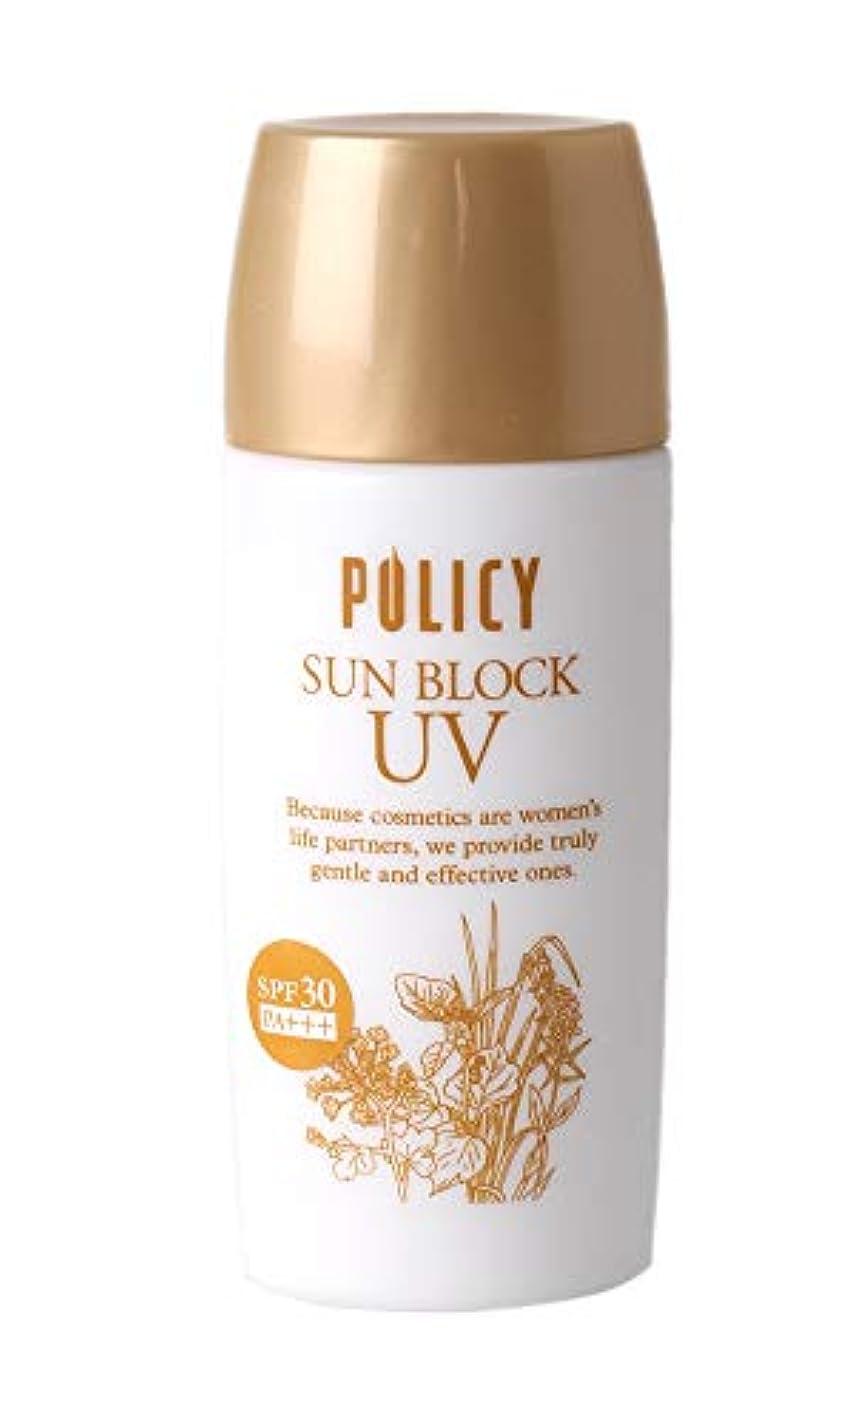 言語作成するサイレントポリシー化粧品 サンブロック 55g 日焼け止め ローション 天然 UVケア 美白 成分配合 紫外線 A波 B波 カット 敏感肌 乾燥肌 に SPF30 PA+++